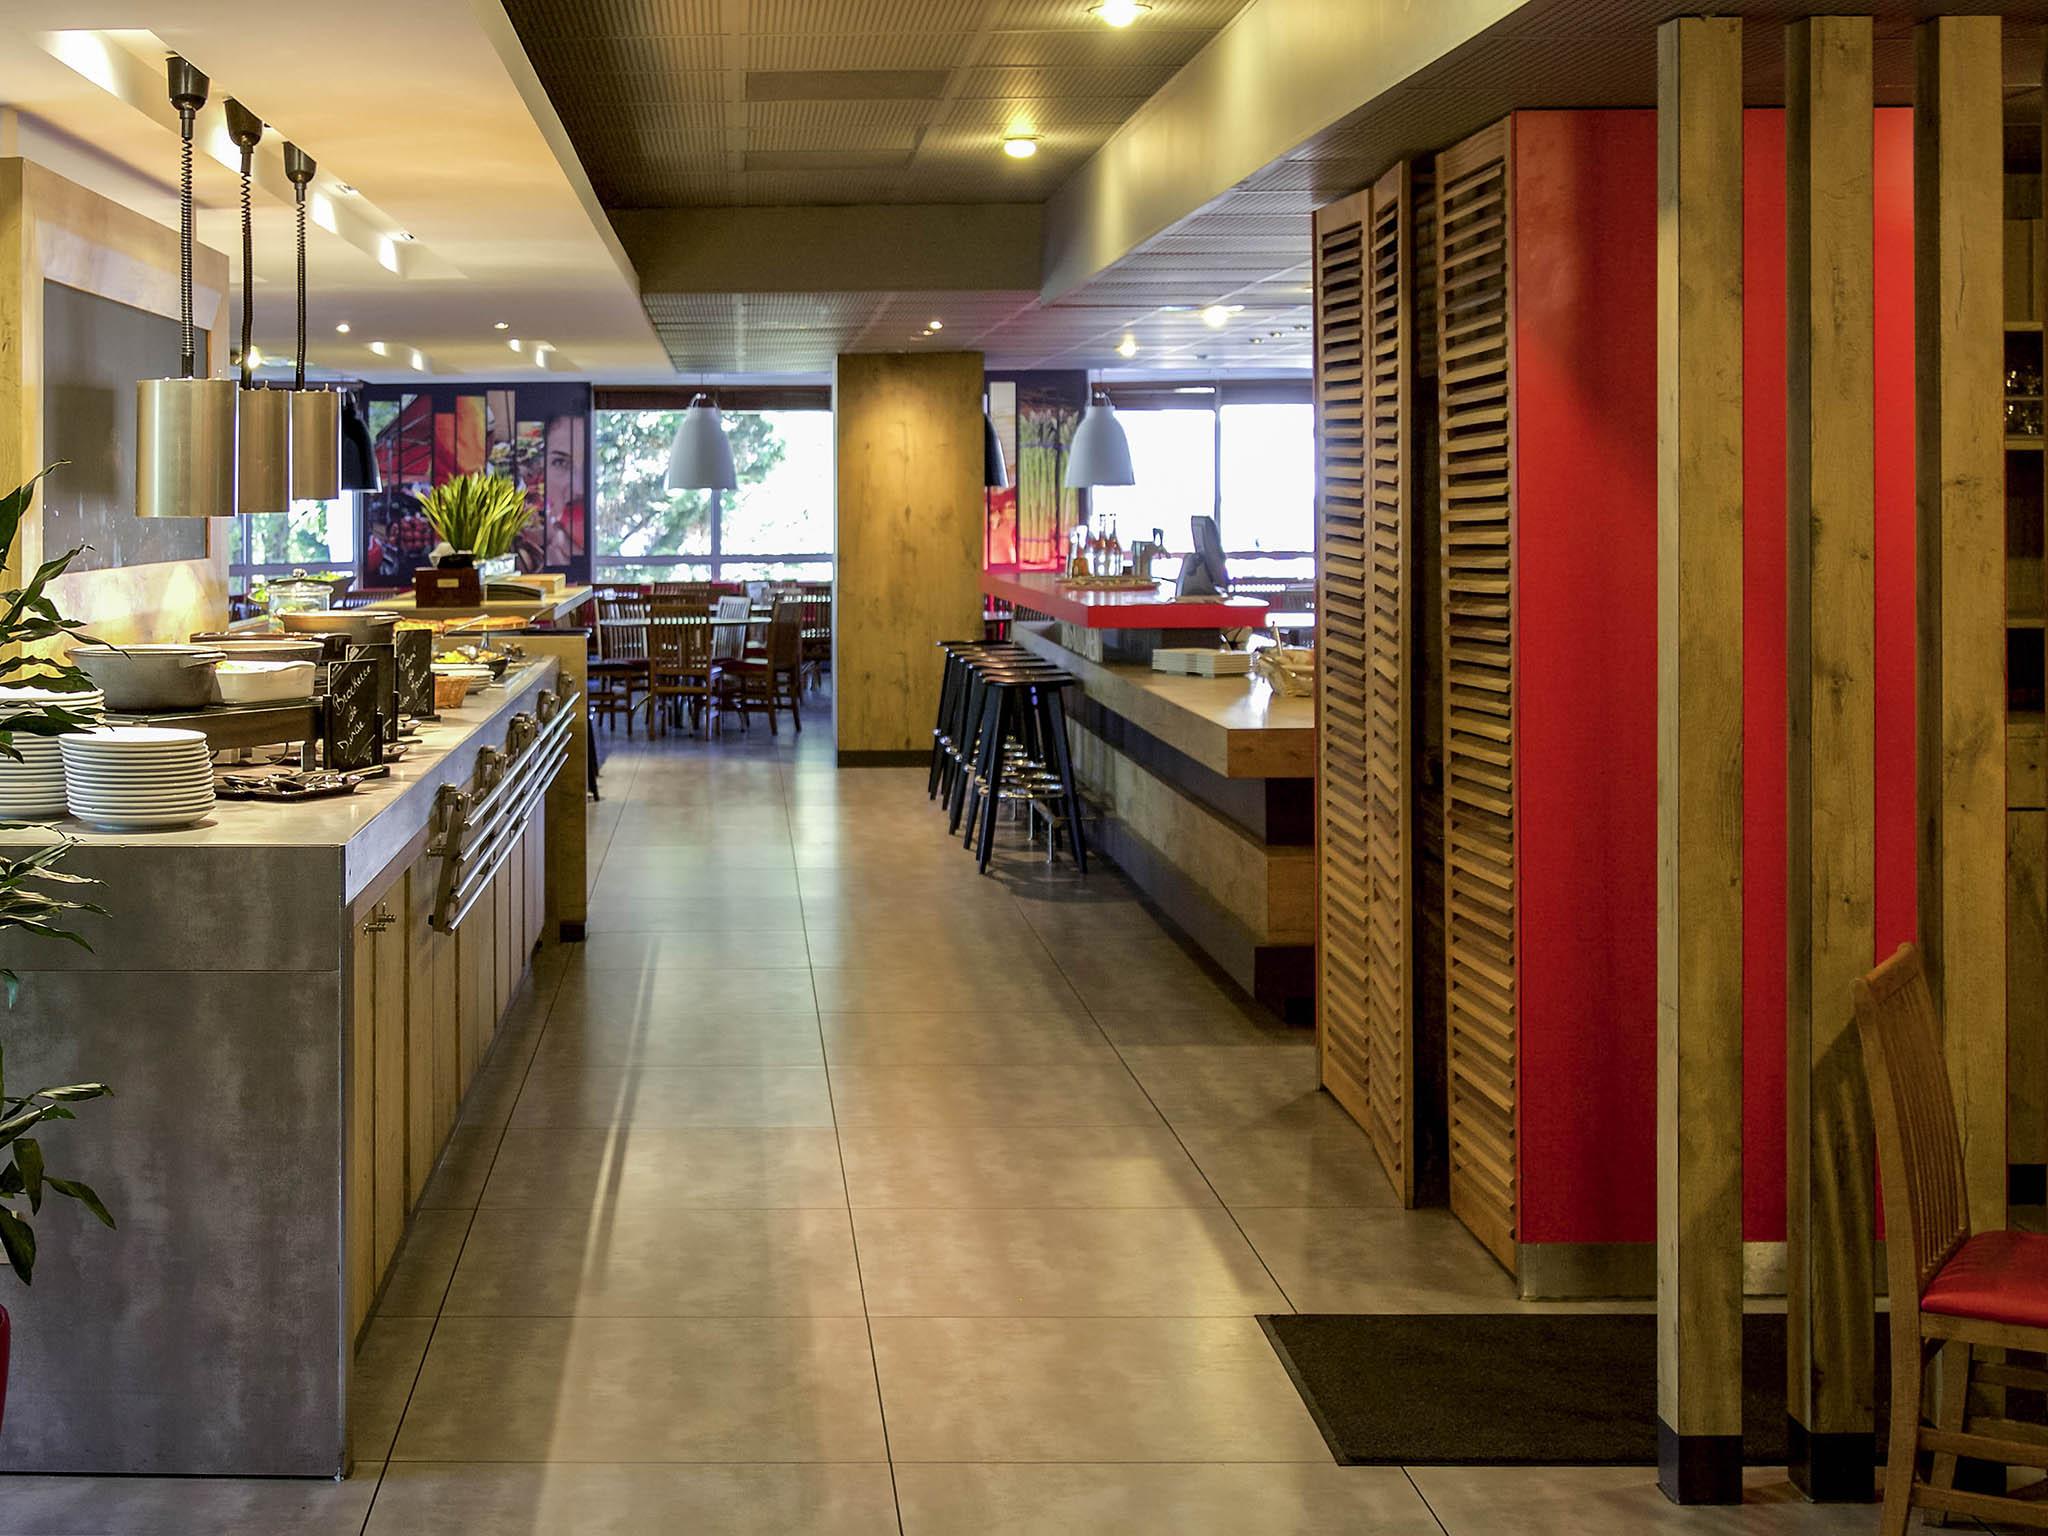 H tel gentilly ibis paris porte d 39 italie - Restaurant porte d italie sarreguemines ...